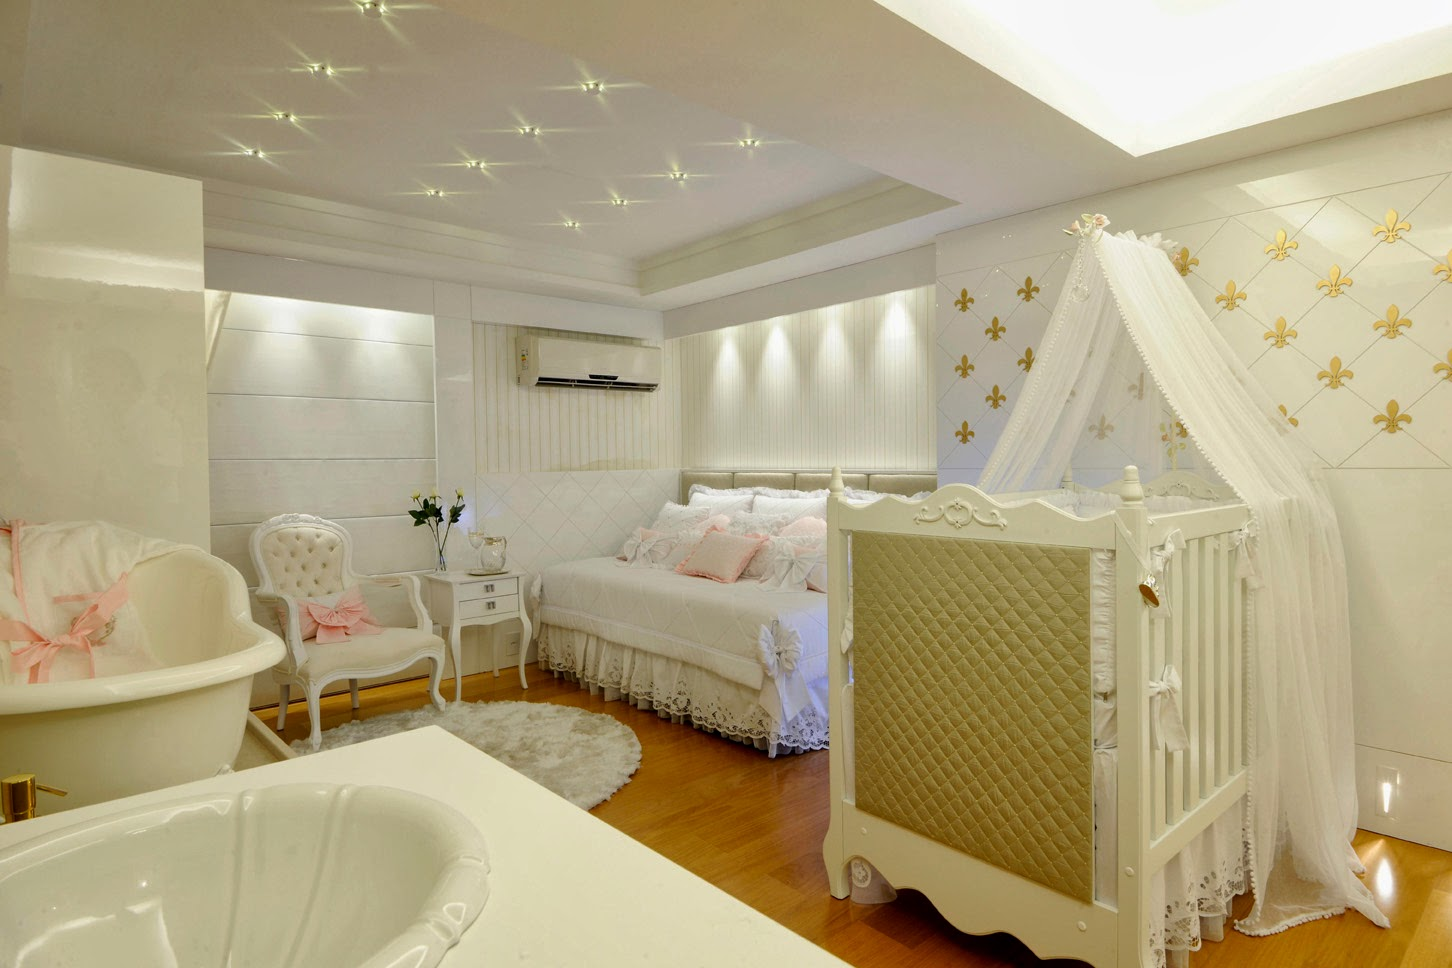 design interiores decoracao quarto bebe:50 Quartos de bebês decorados – meninos e meninas! – Decor Salteado